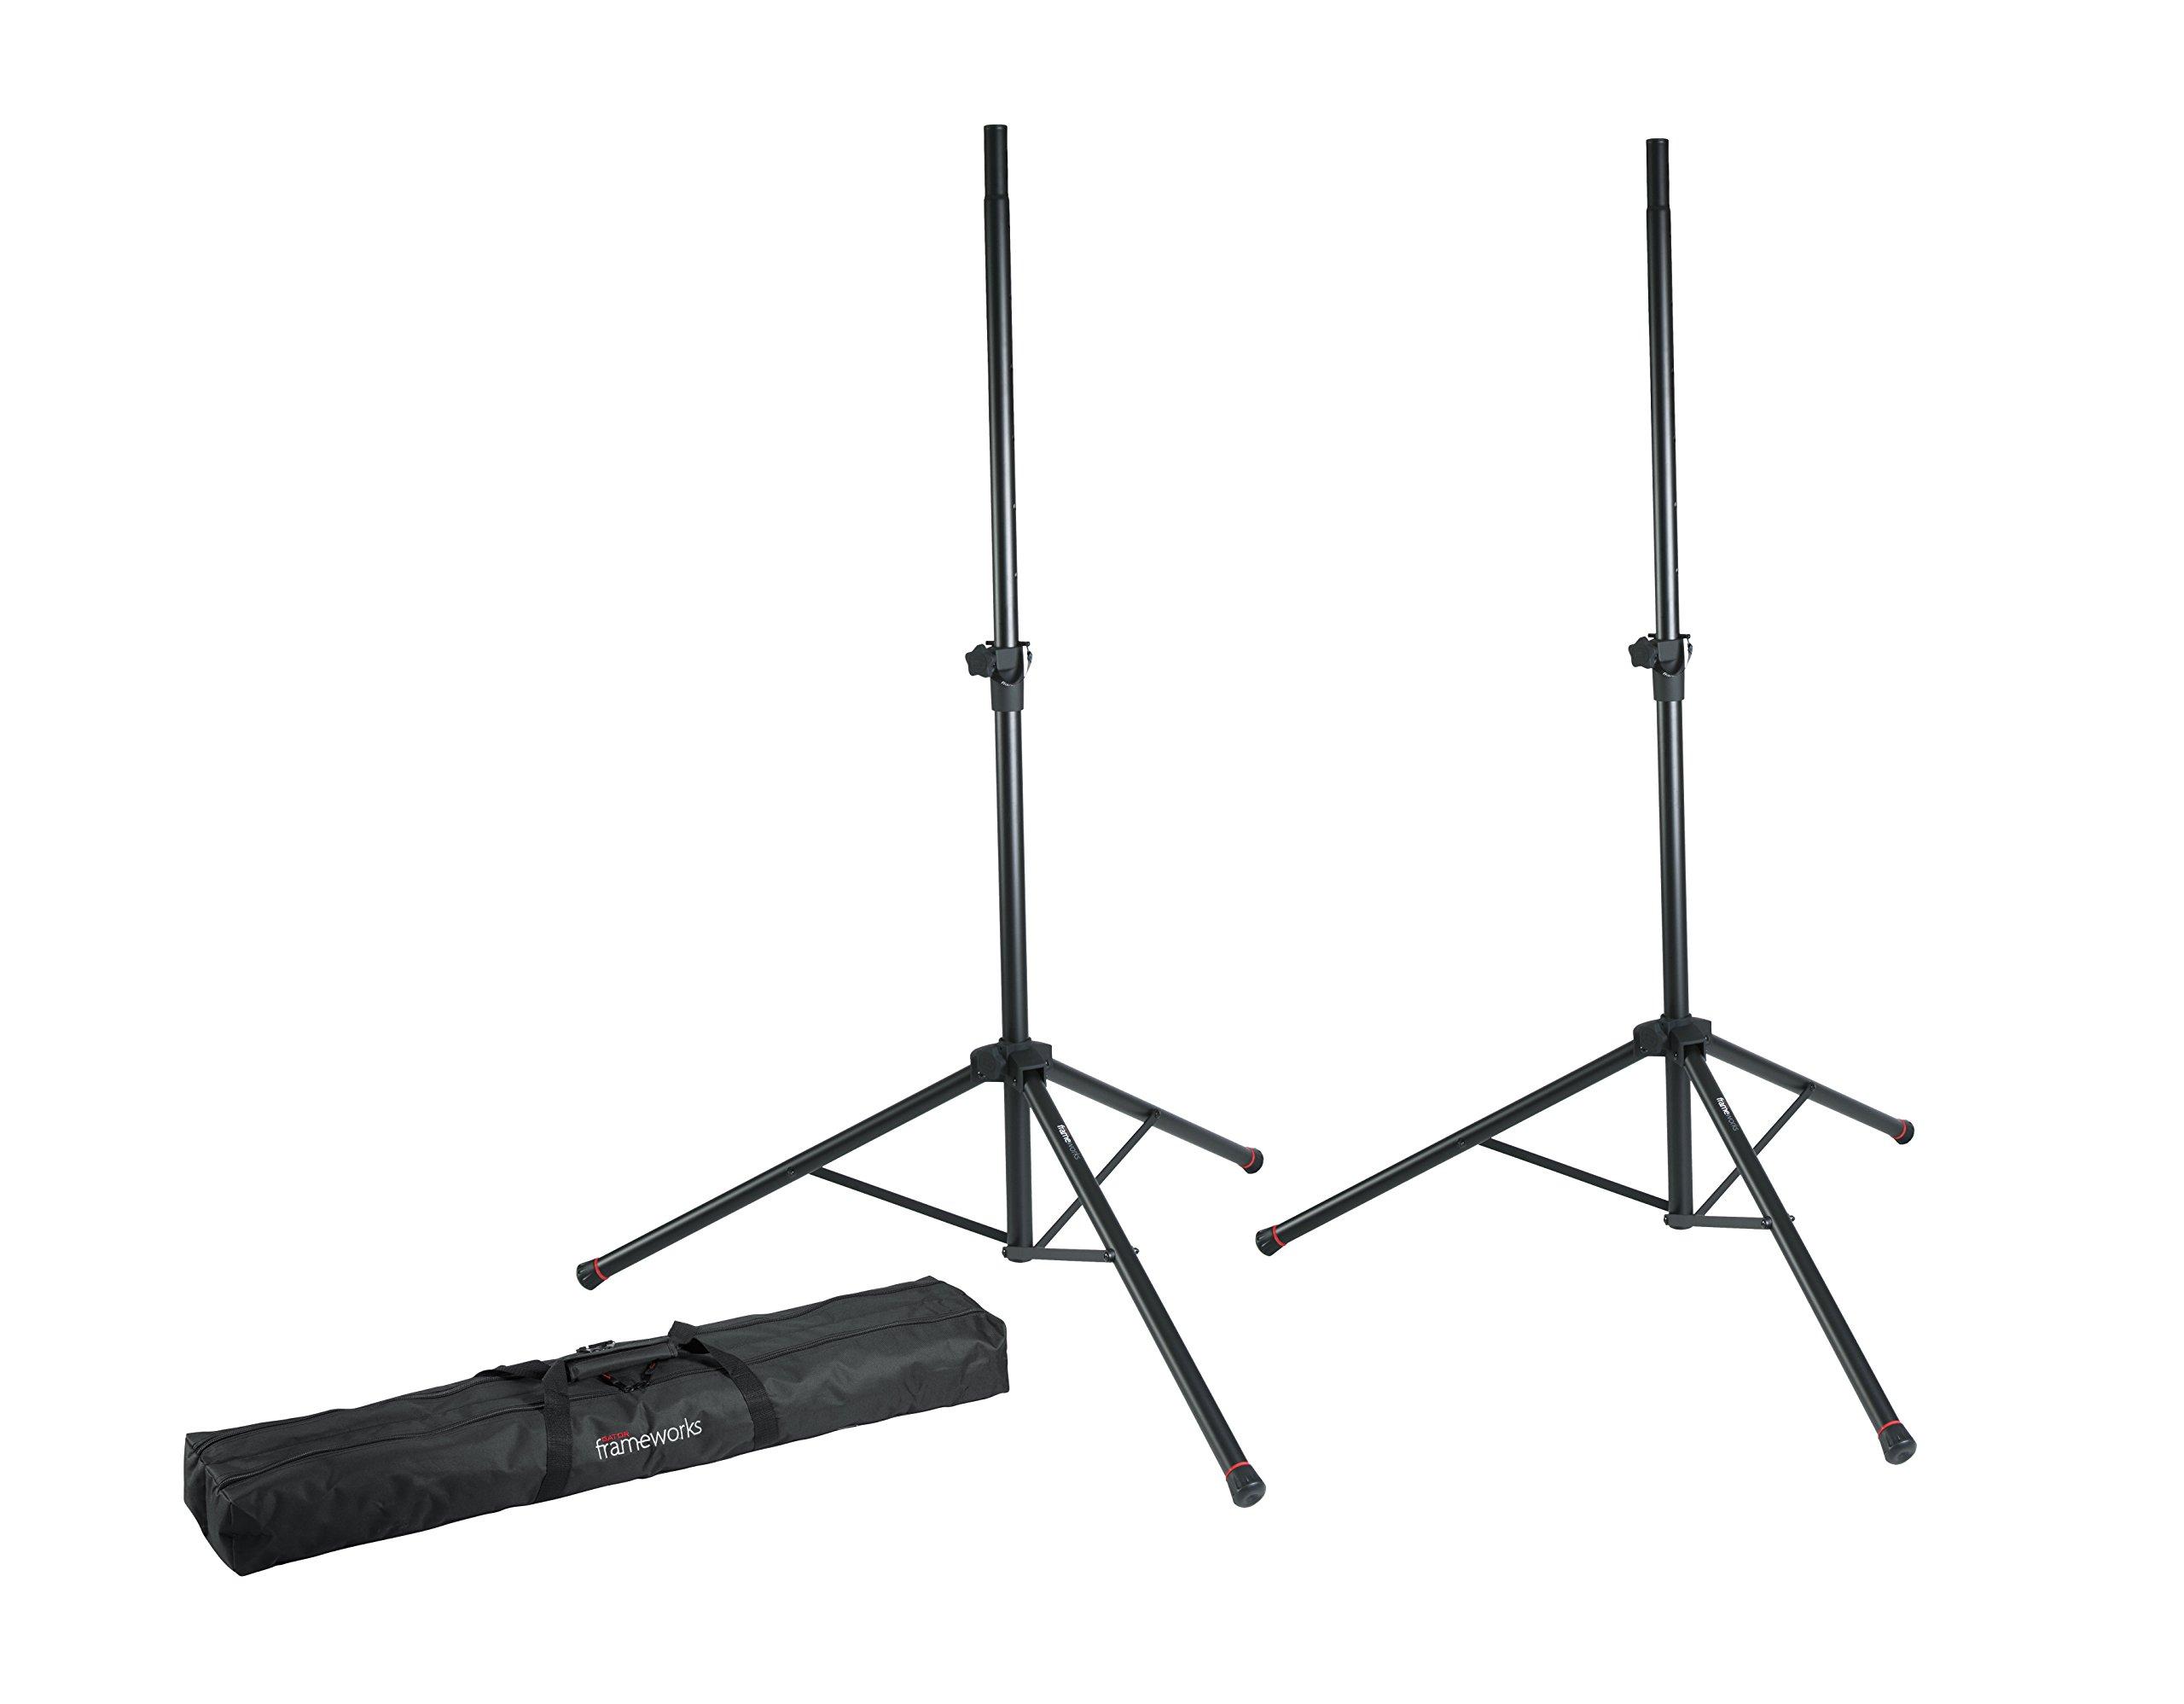 Gator Frameworks Standard Speaker Stand Set; Includes (2) Speaker Stands and Nylon Carry Bag (GFW-SPK-2000SET)